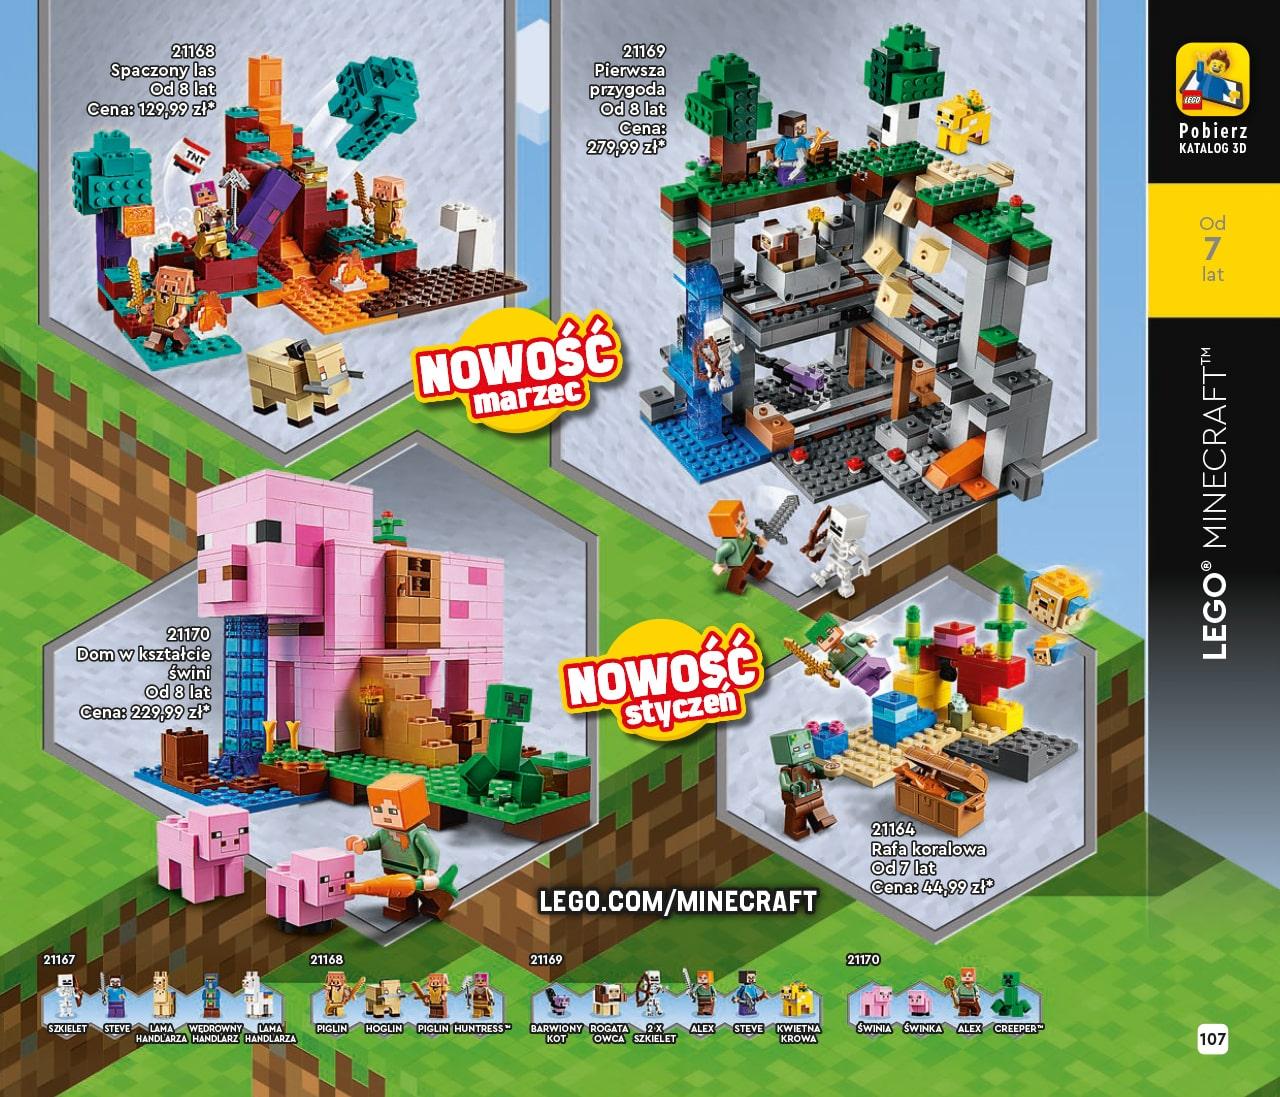 Katalog LEGO styczeń-maj 2021 - wersja polska - 107 - LEGO Minecraft